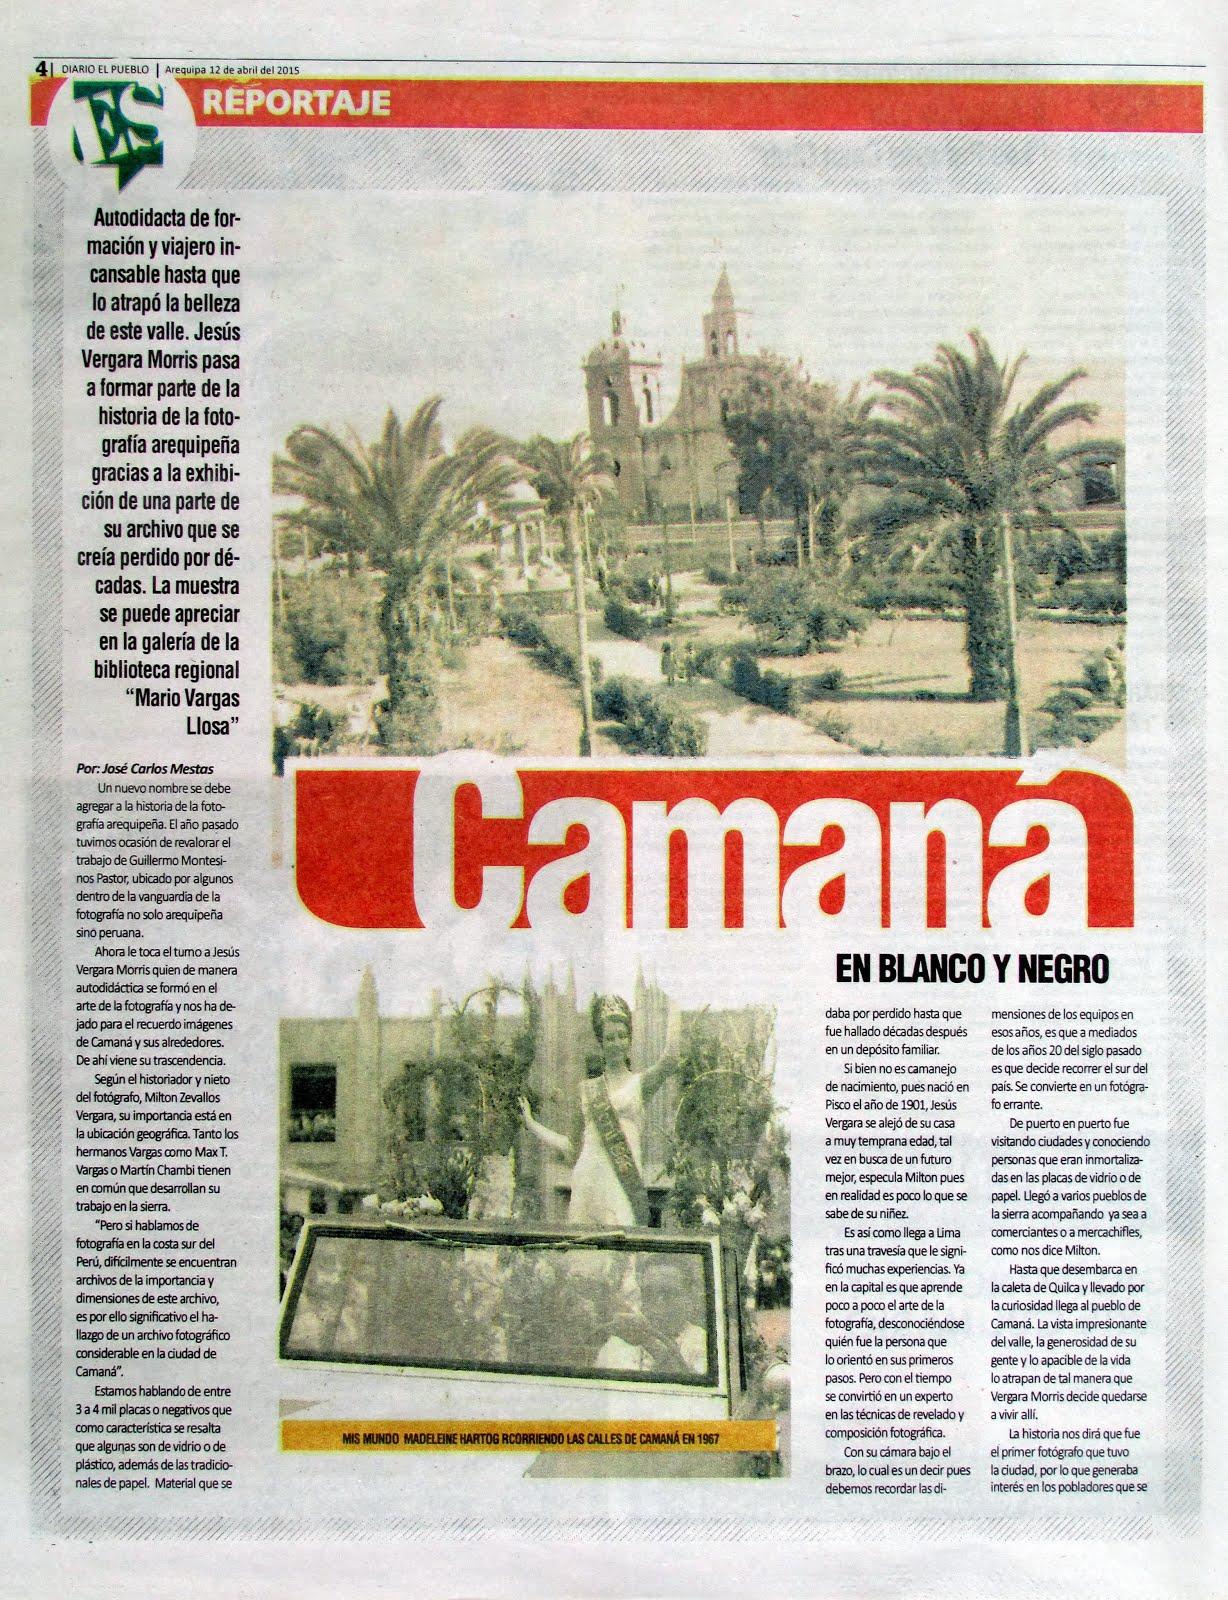 Diario El Pueblo, Suplemento Dominical. 12 de abril 2015 - 02